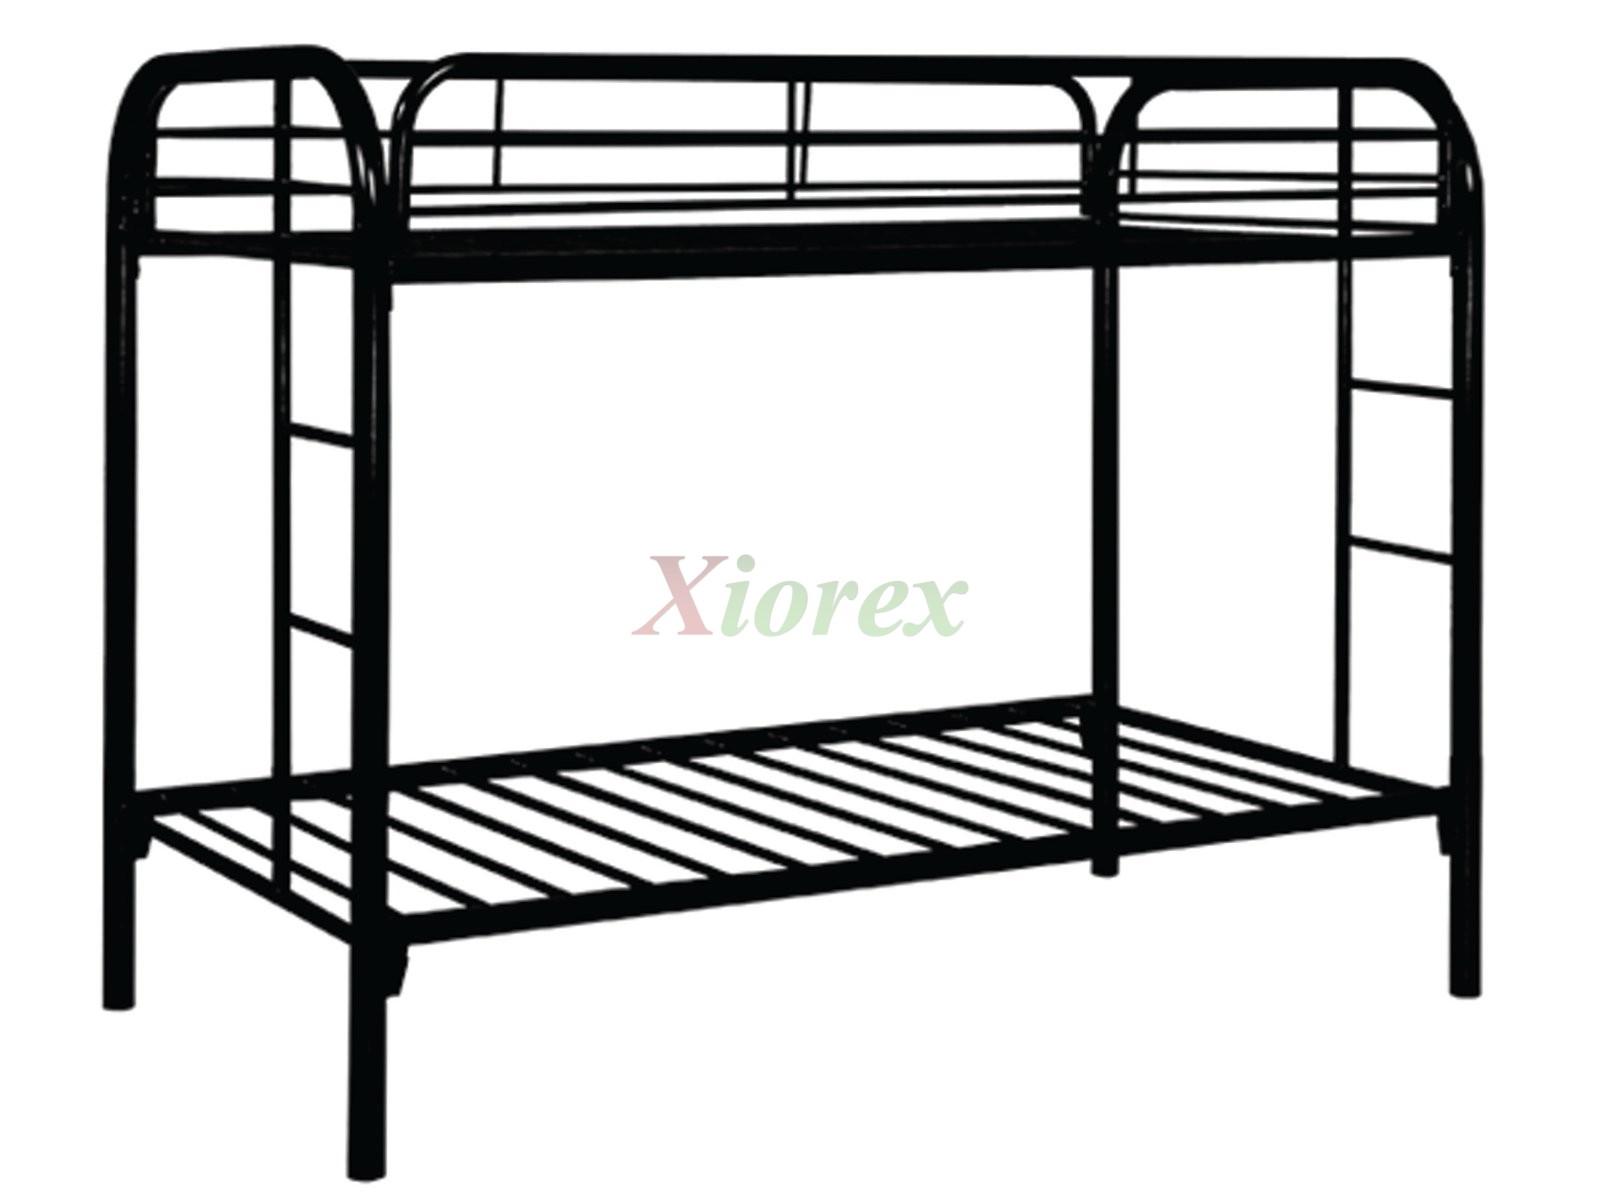 Genial Leo Twin Metal Bunk Beds Canada Xiorex Metal Bunk Beds Rooms To Go Metal Bunk Beds Ikea houzz 01 Metal Bunk Beds